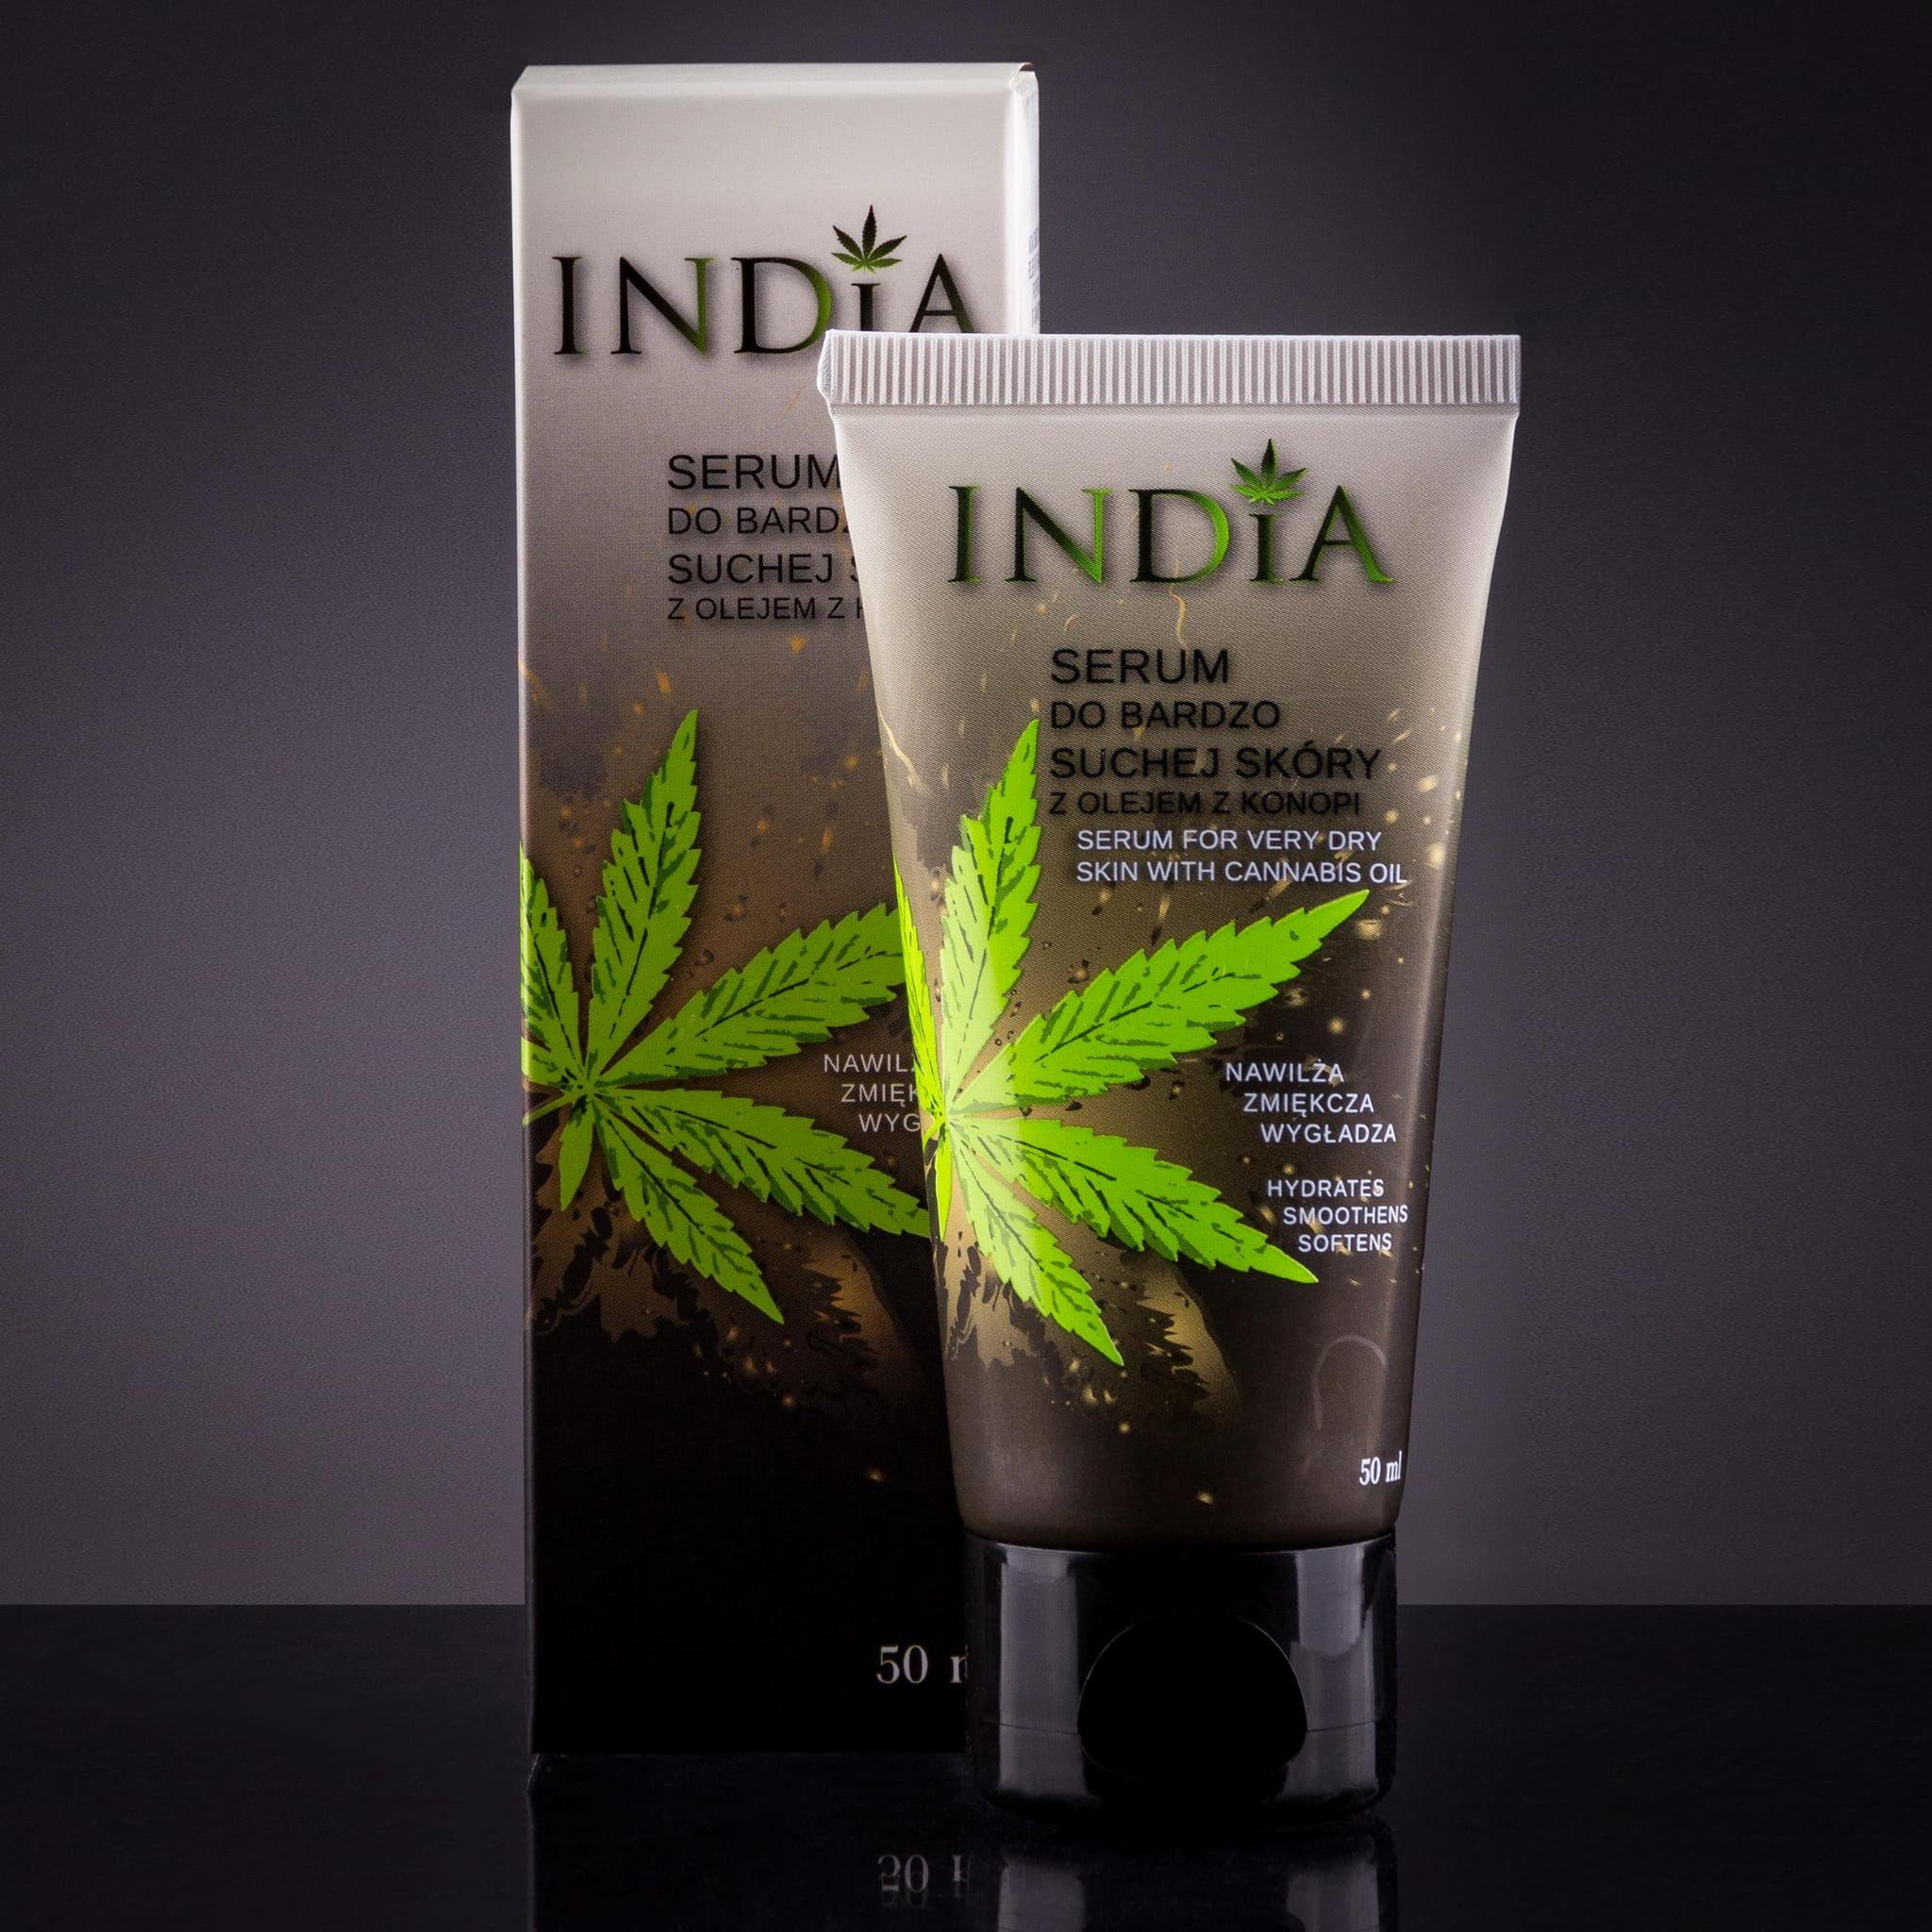 Serum z konopi do bardzo suchej skóry INDIA 50ml